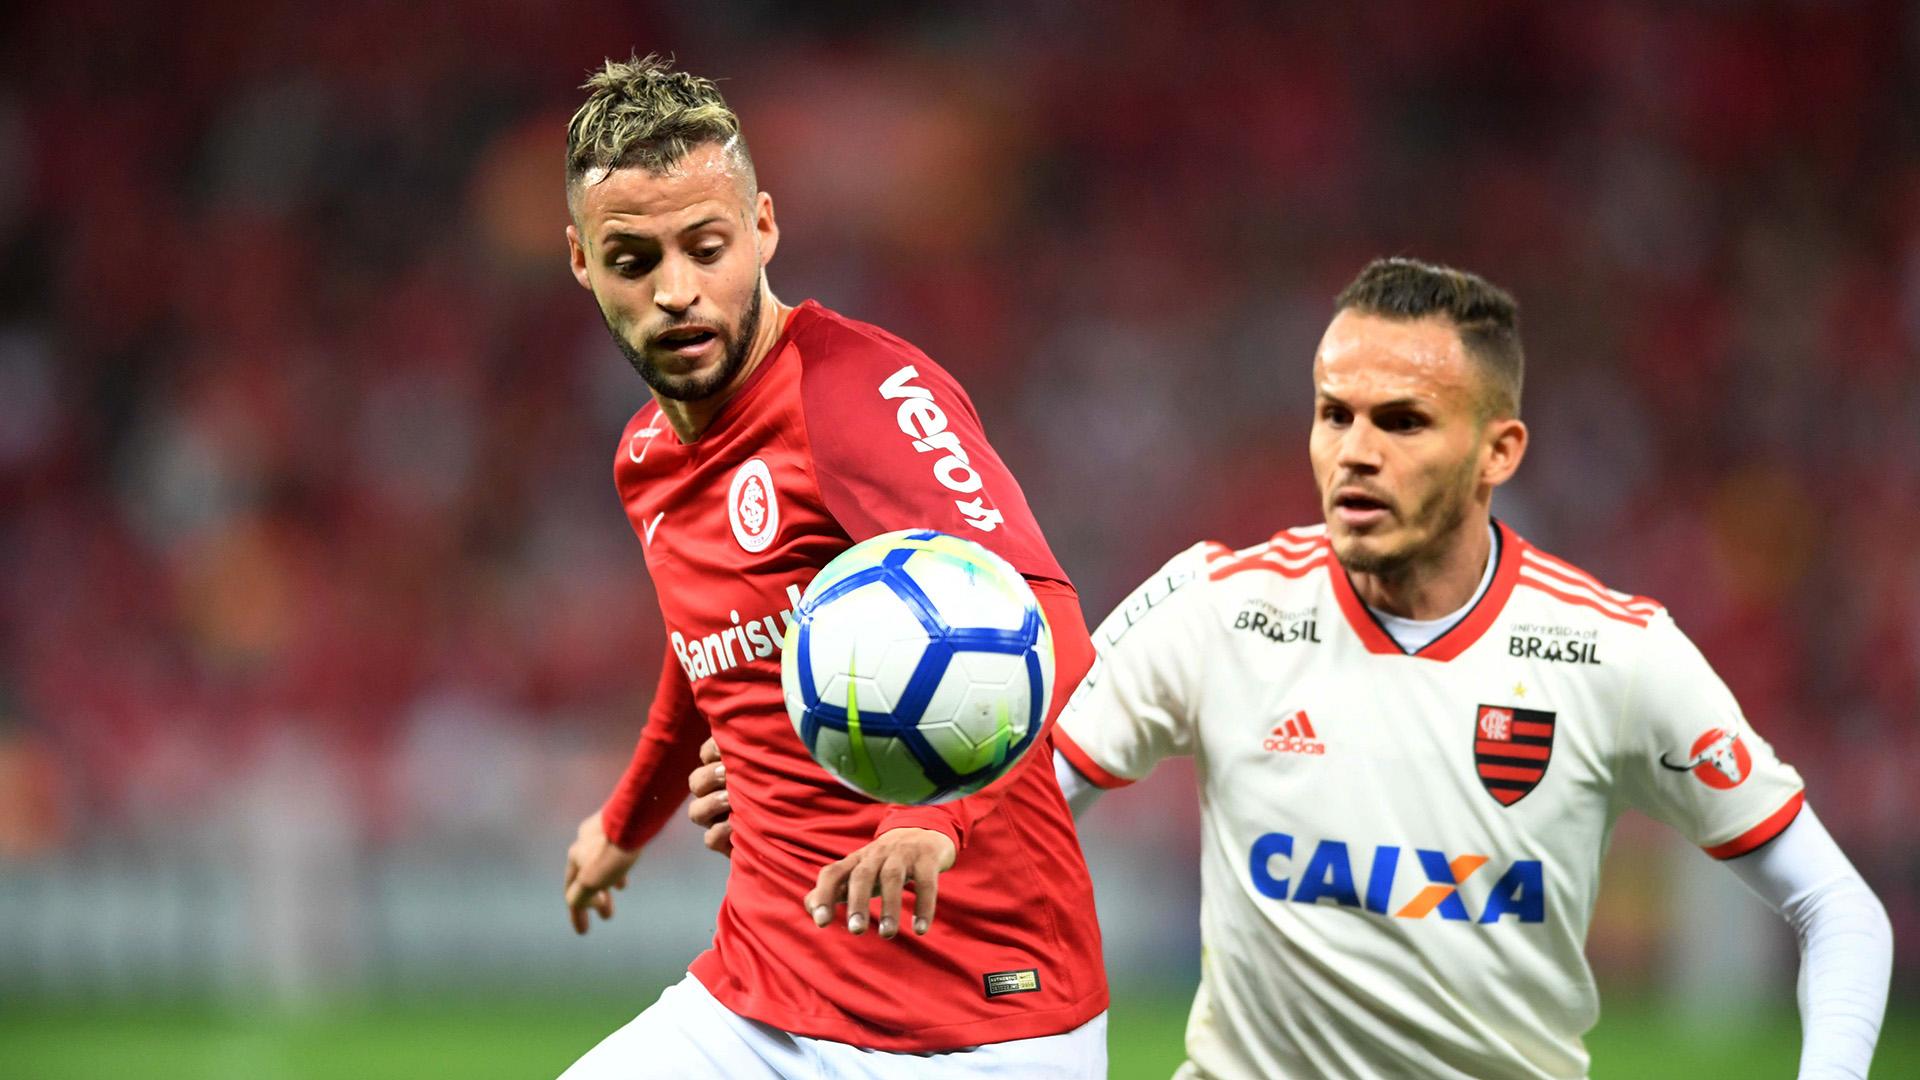 Nico Lopez Rene Internacional Flamengo Brasileirao Serie A 05092018